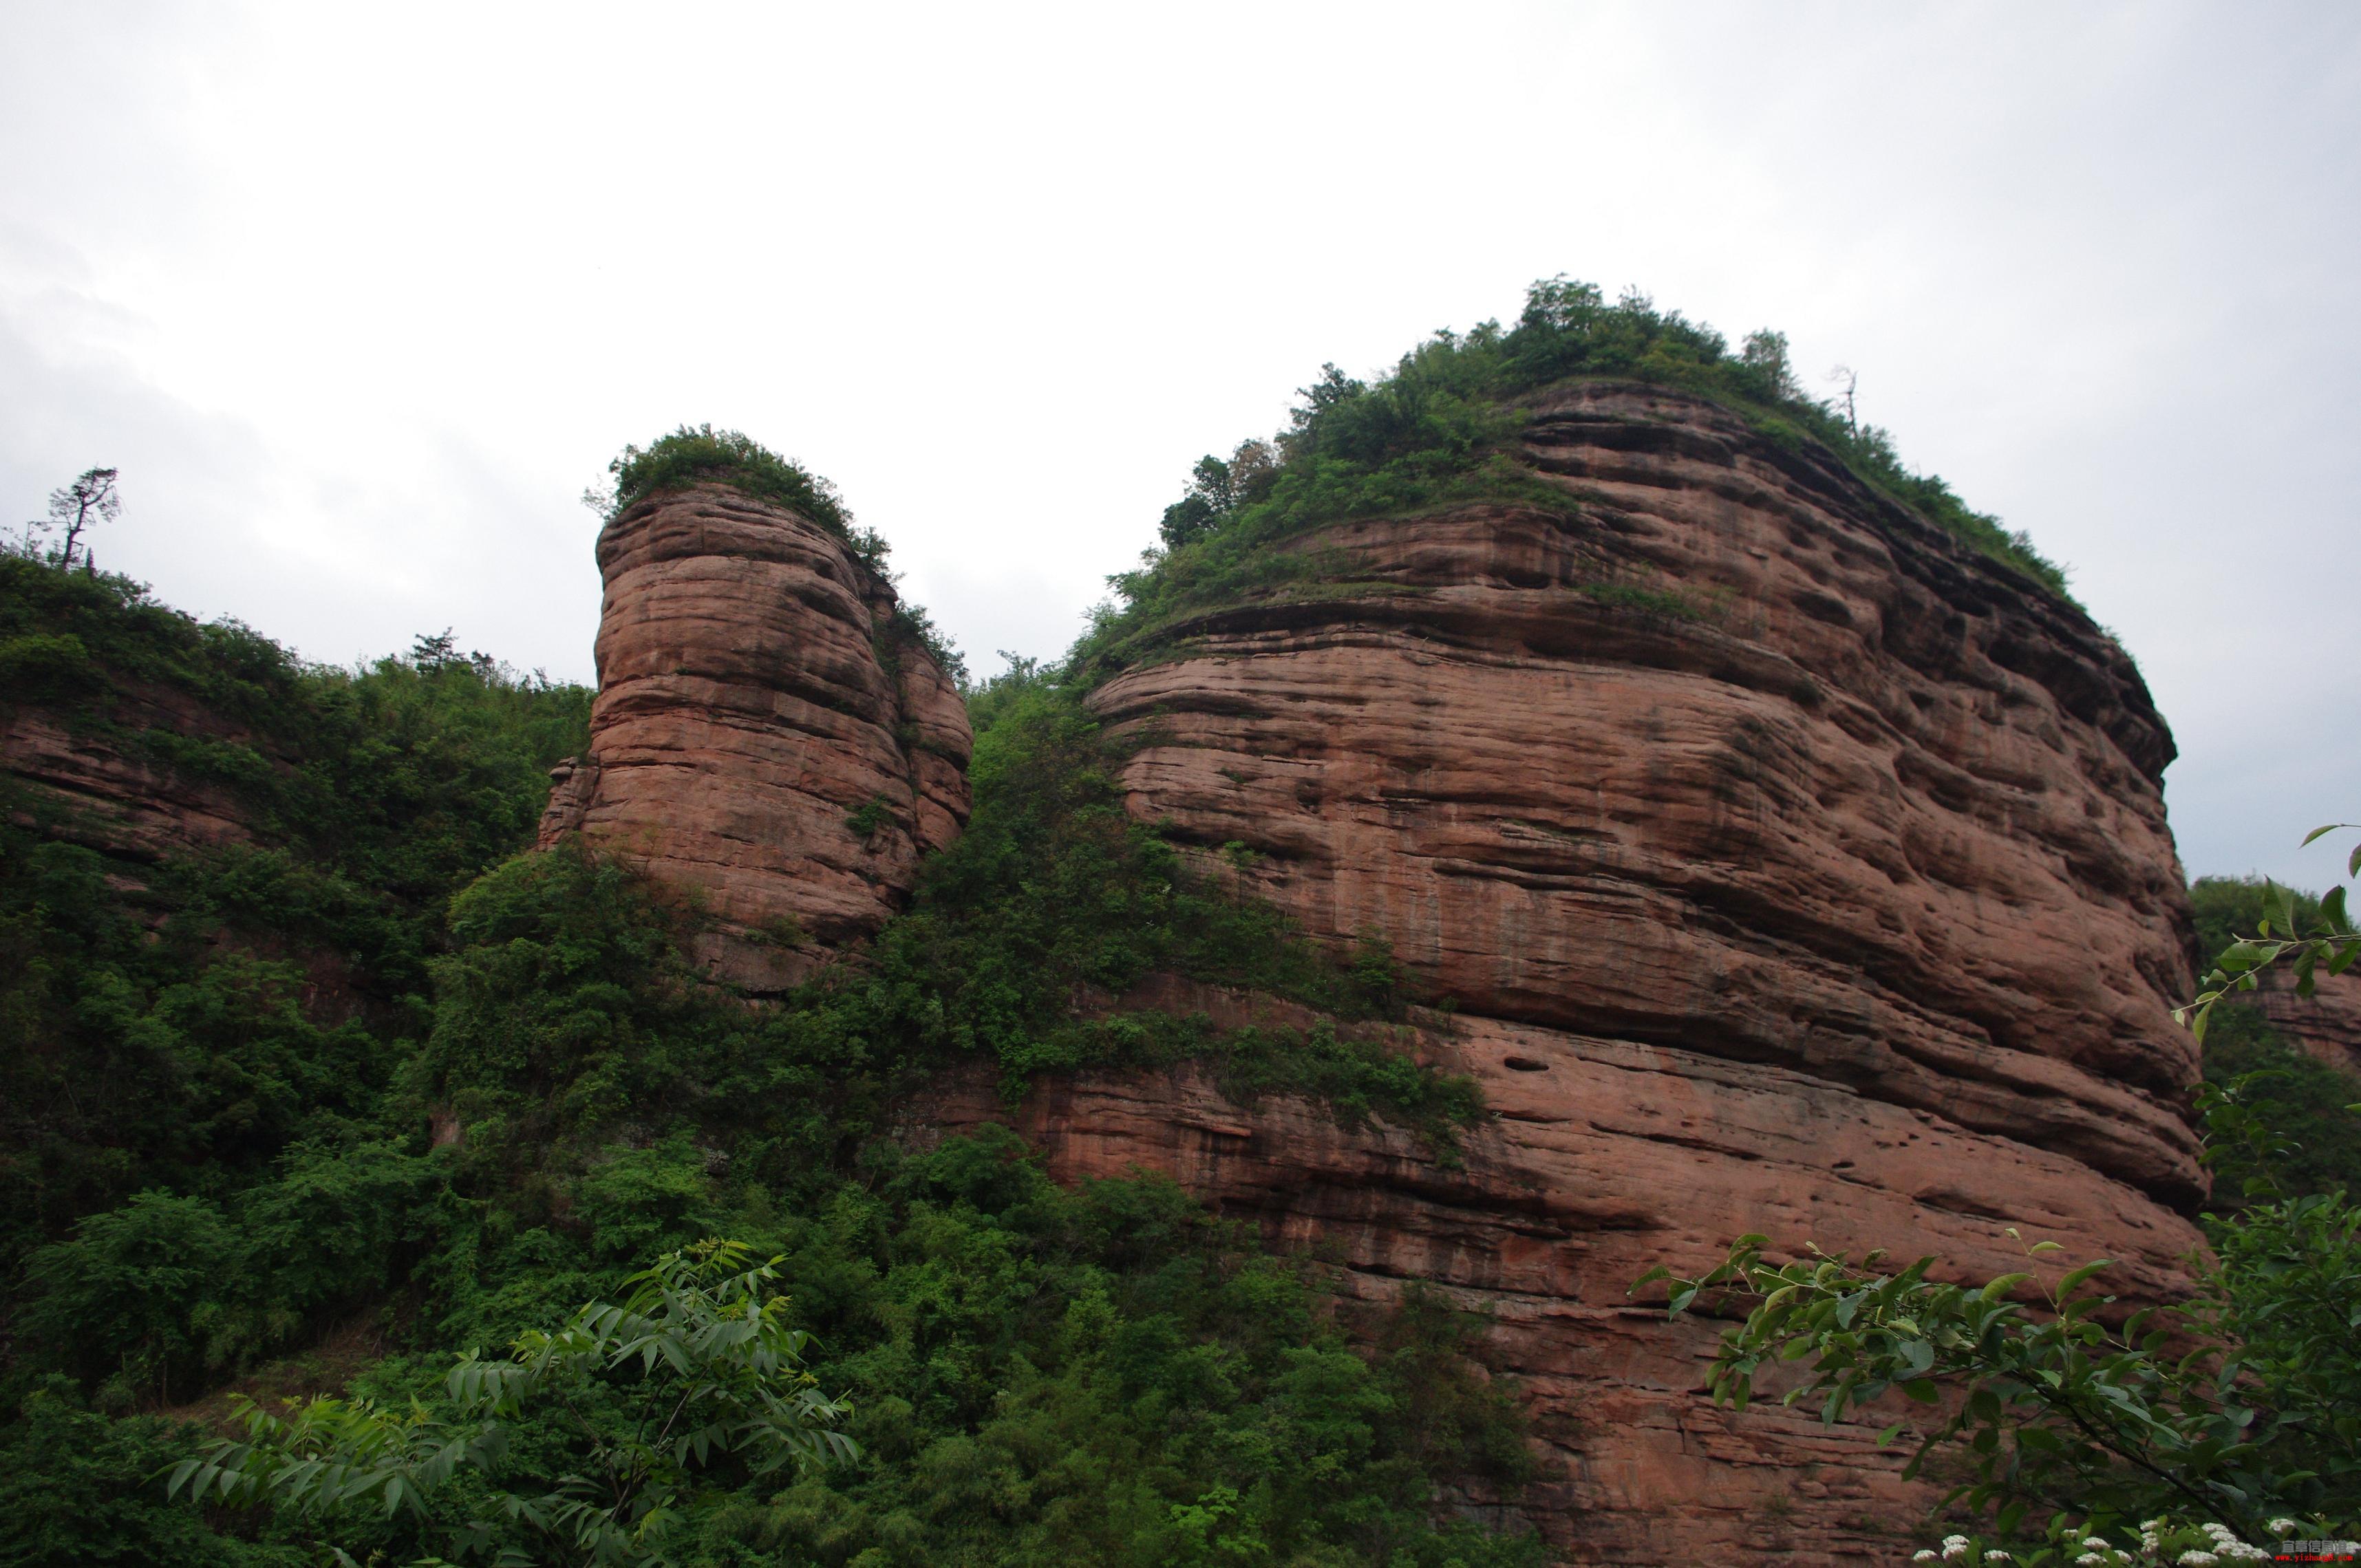 江边风景区是宜章红色旅游组成部分之一,位于宜章县白石渡镇江边村